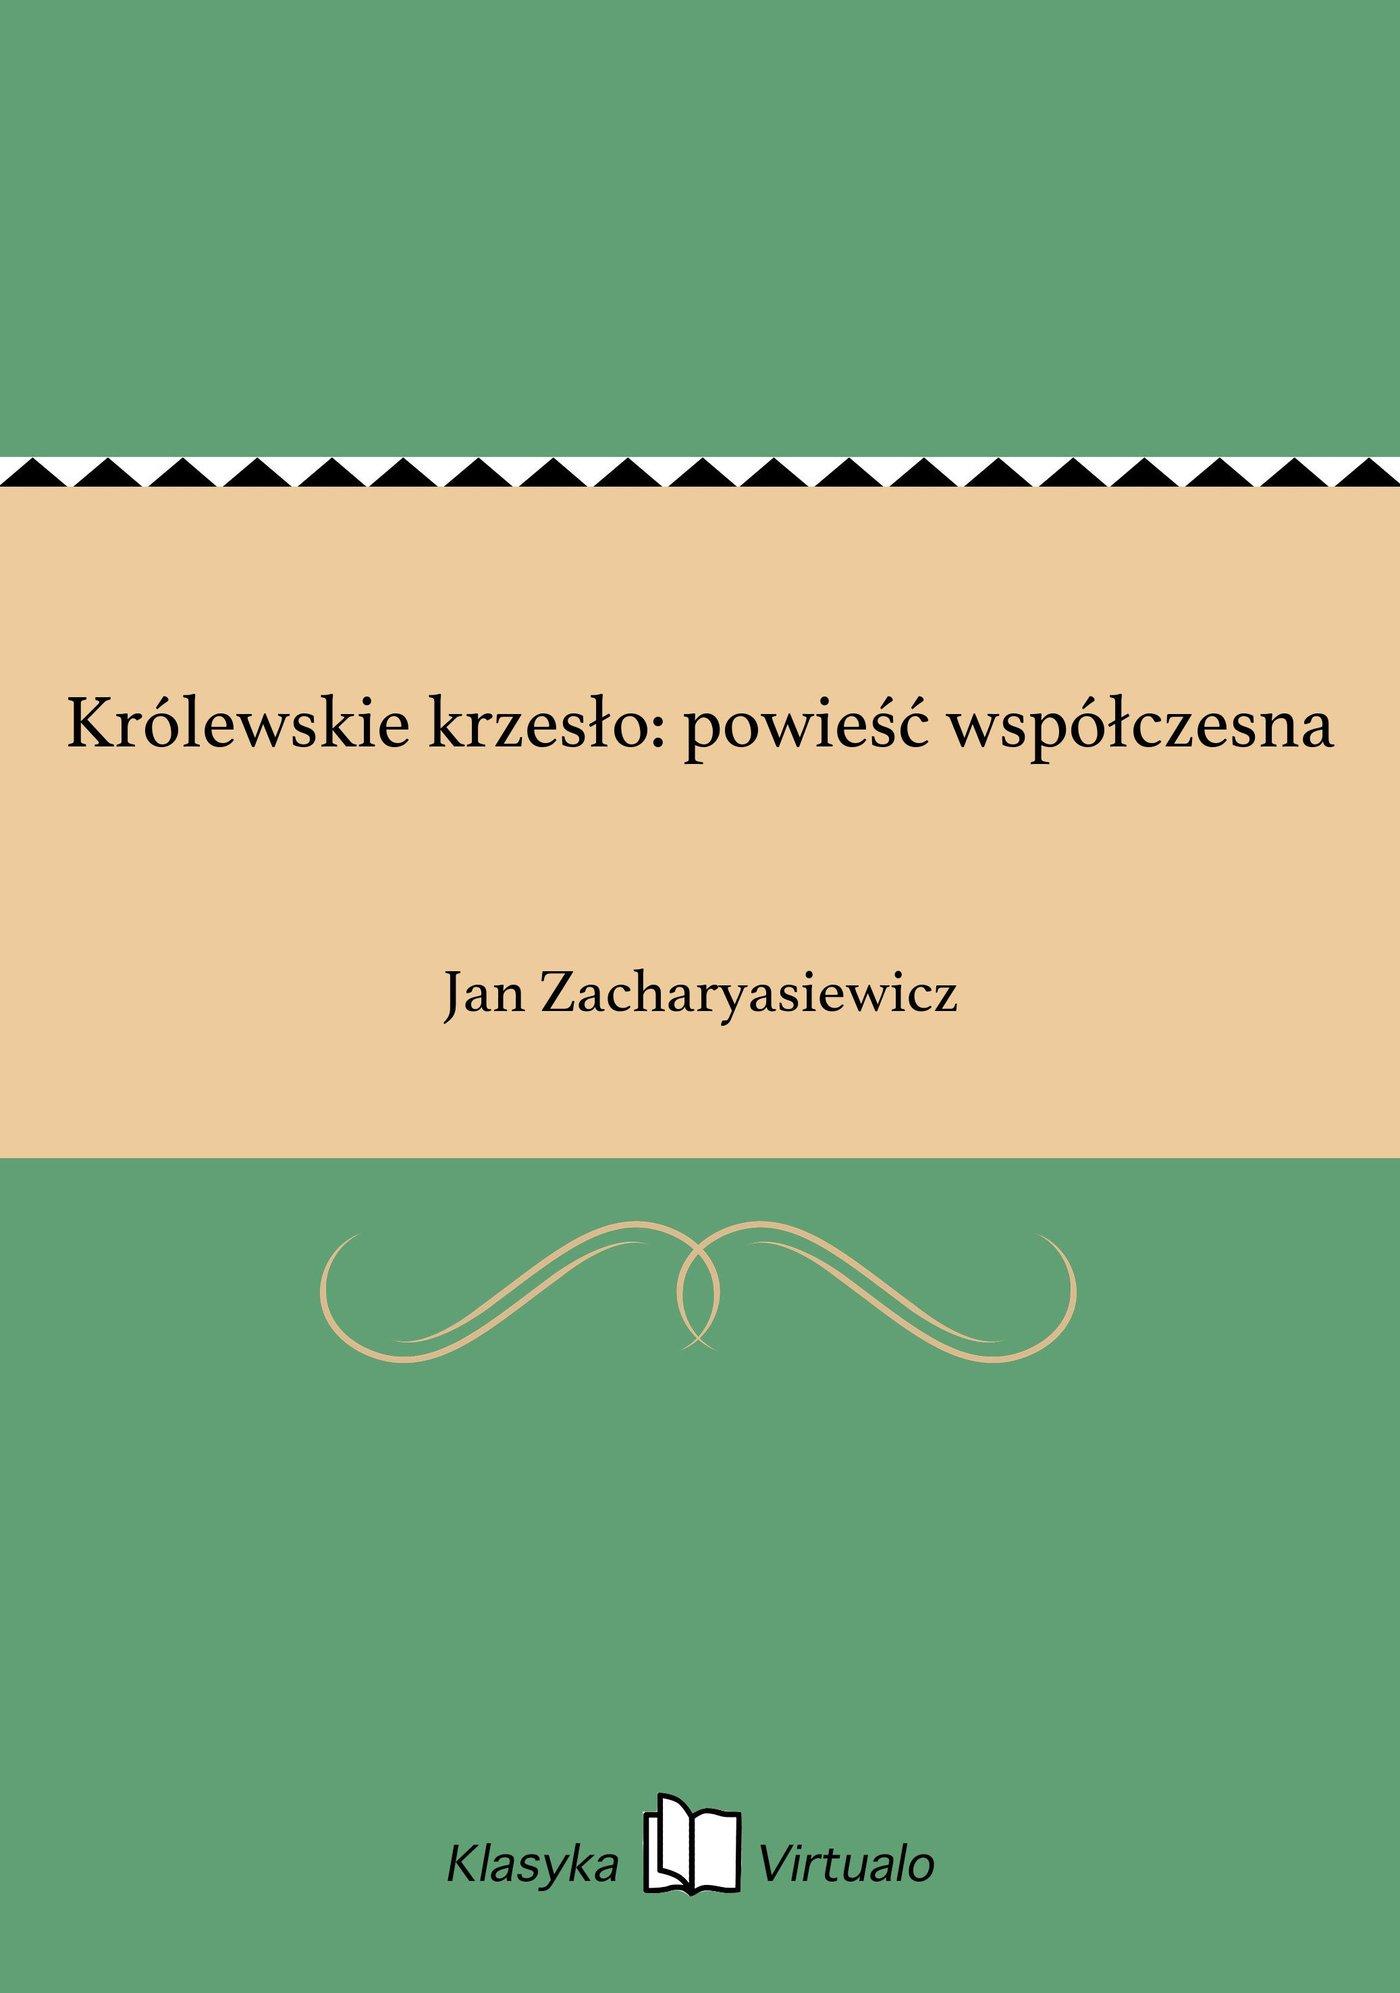 Królewskie krzesło: powieść współczesna - Ebook (Książka EPUB) do pobrania w formacie EPUB